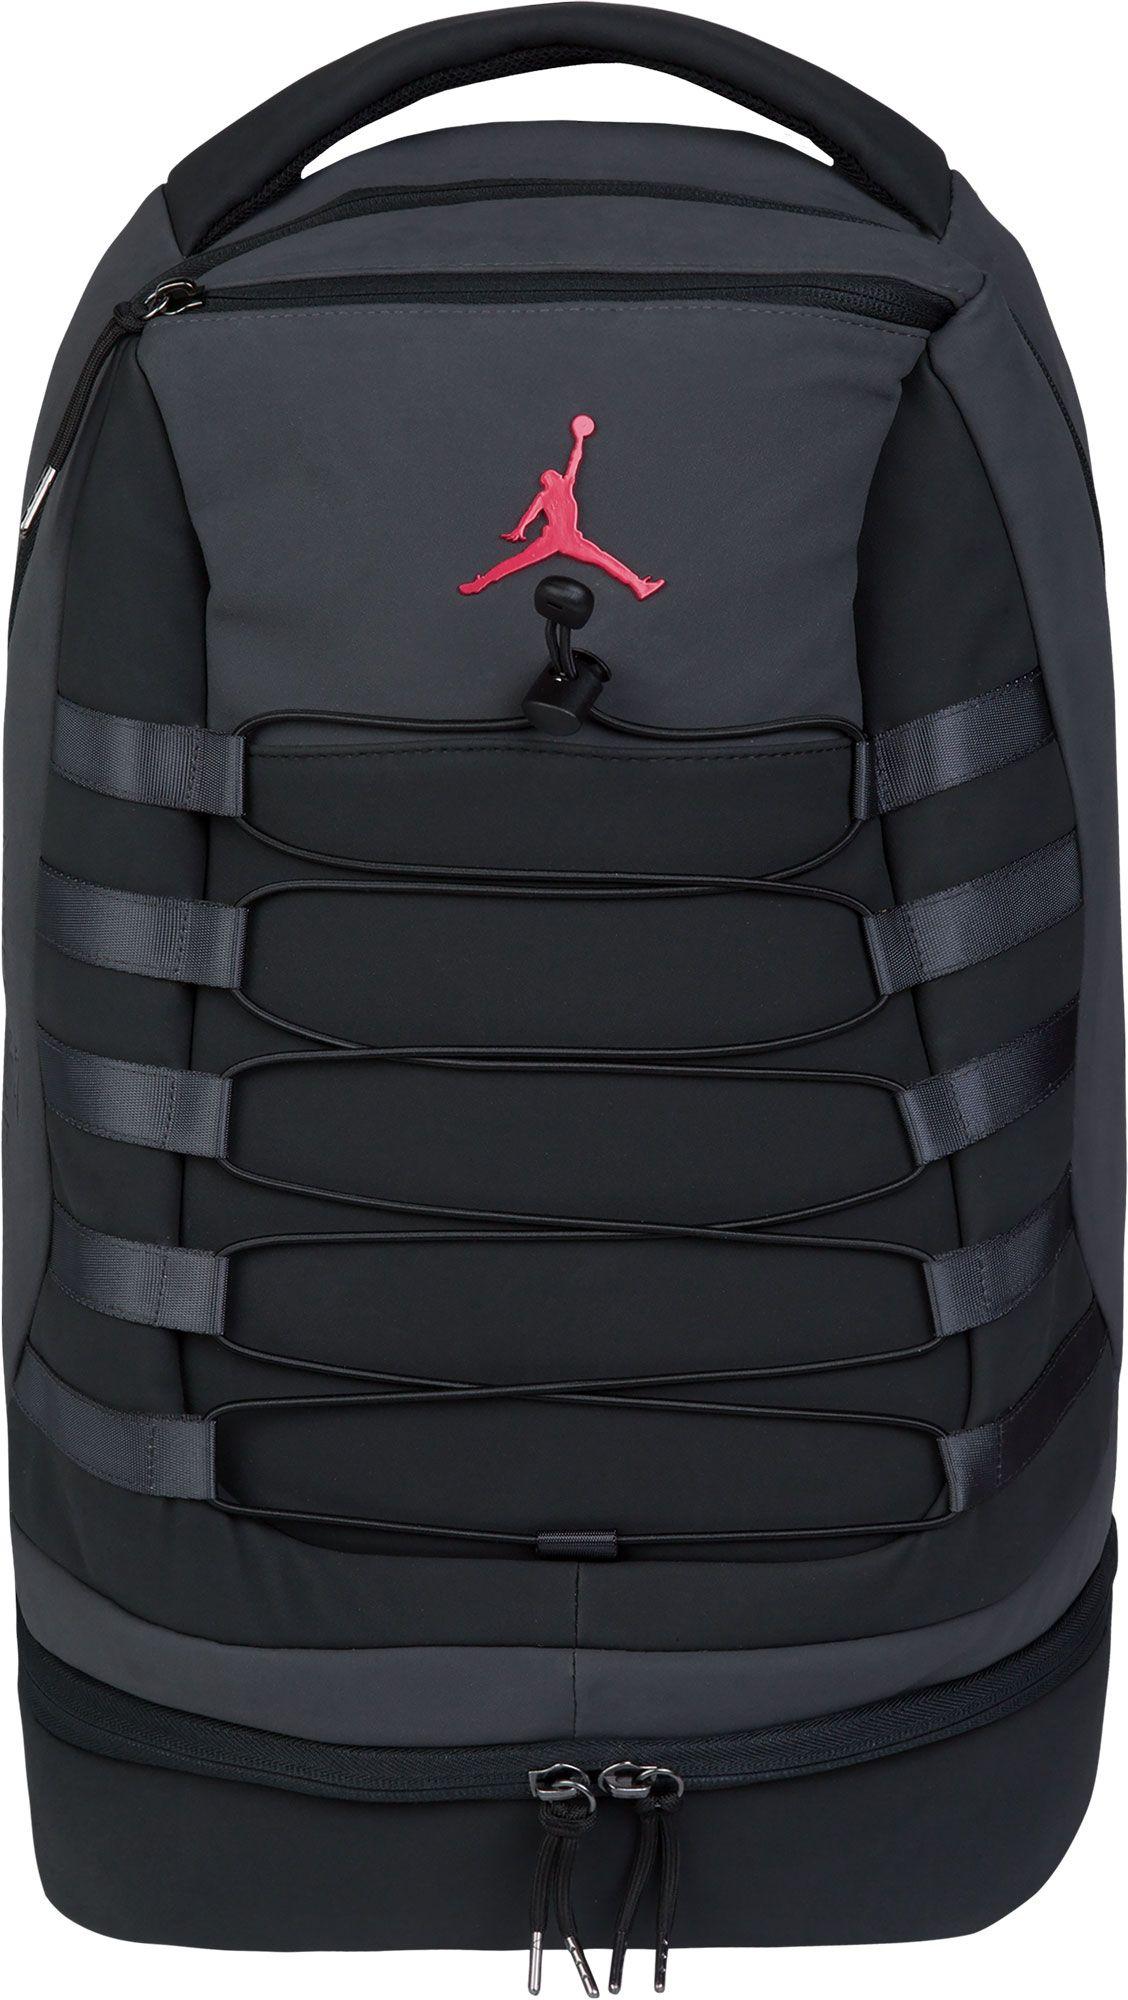 Jordan Retro 10 Backpack (con imágenes) | Fotos de